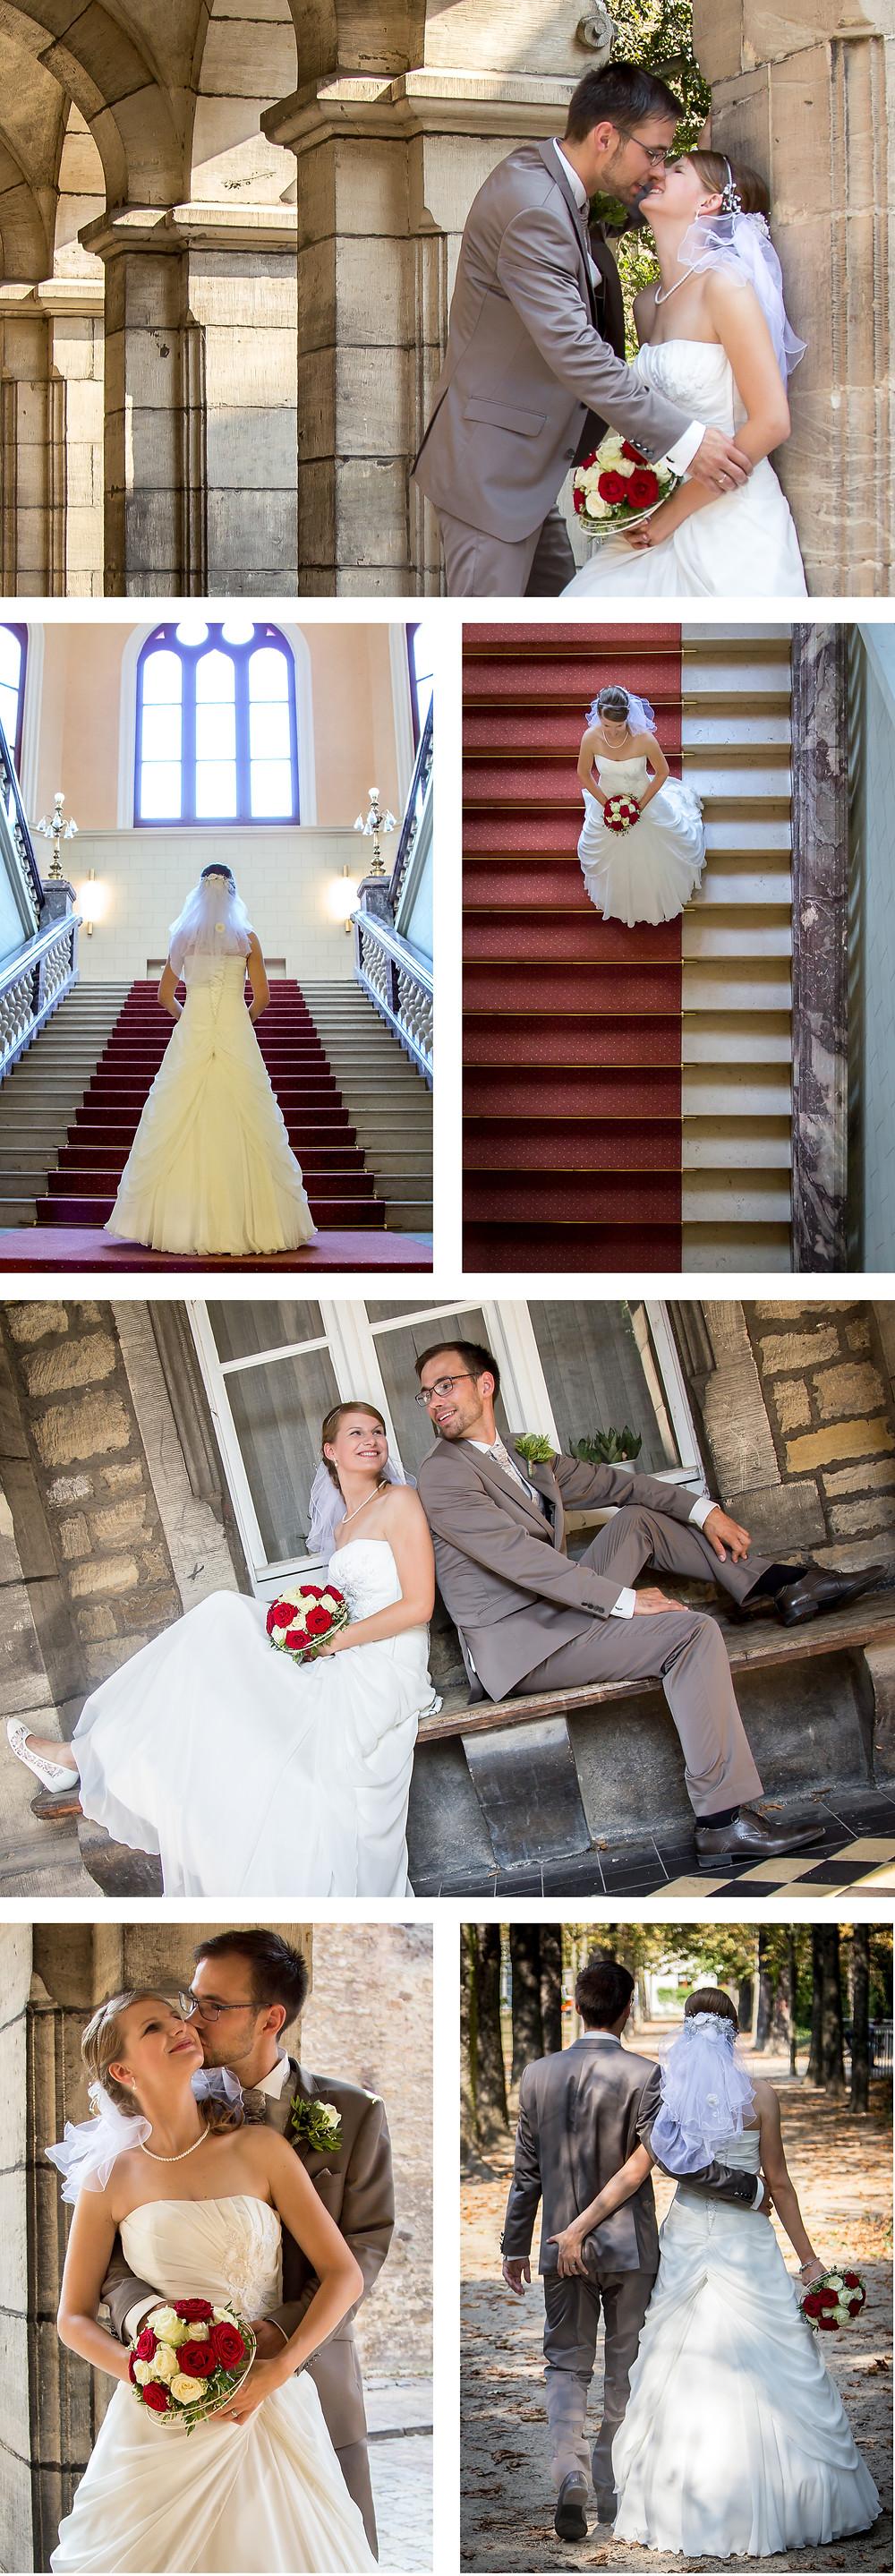 Wedding Merseburg Ständehaus Schloss Bad Lauchstädt Festsaal Schafstall Craig Howkins Photography St Ives Cambridgeshire Northamptonshire wedding photographer Hochzeit